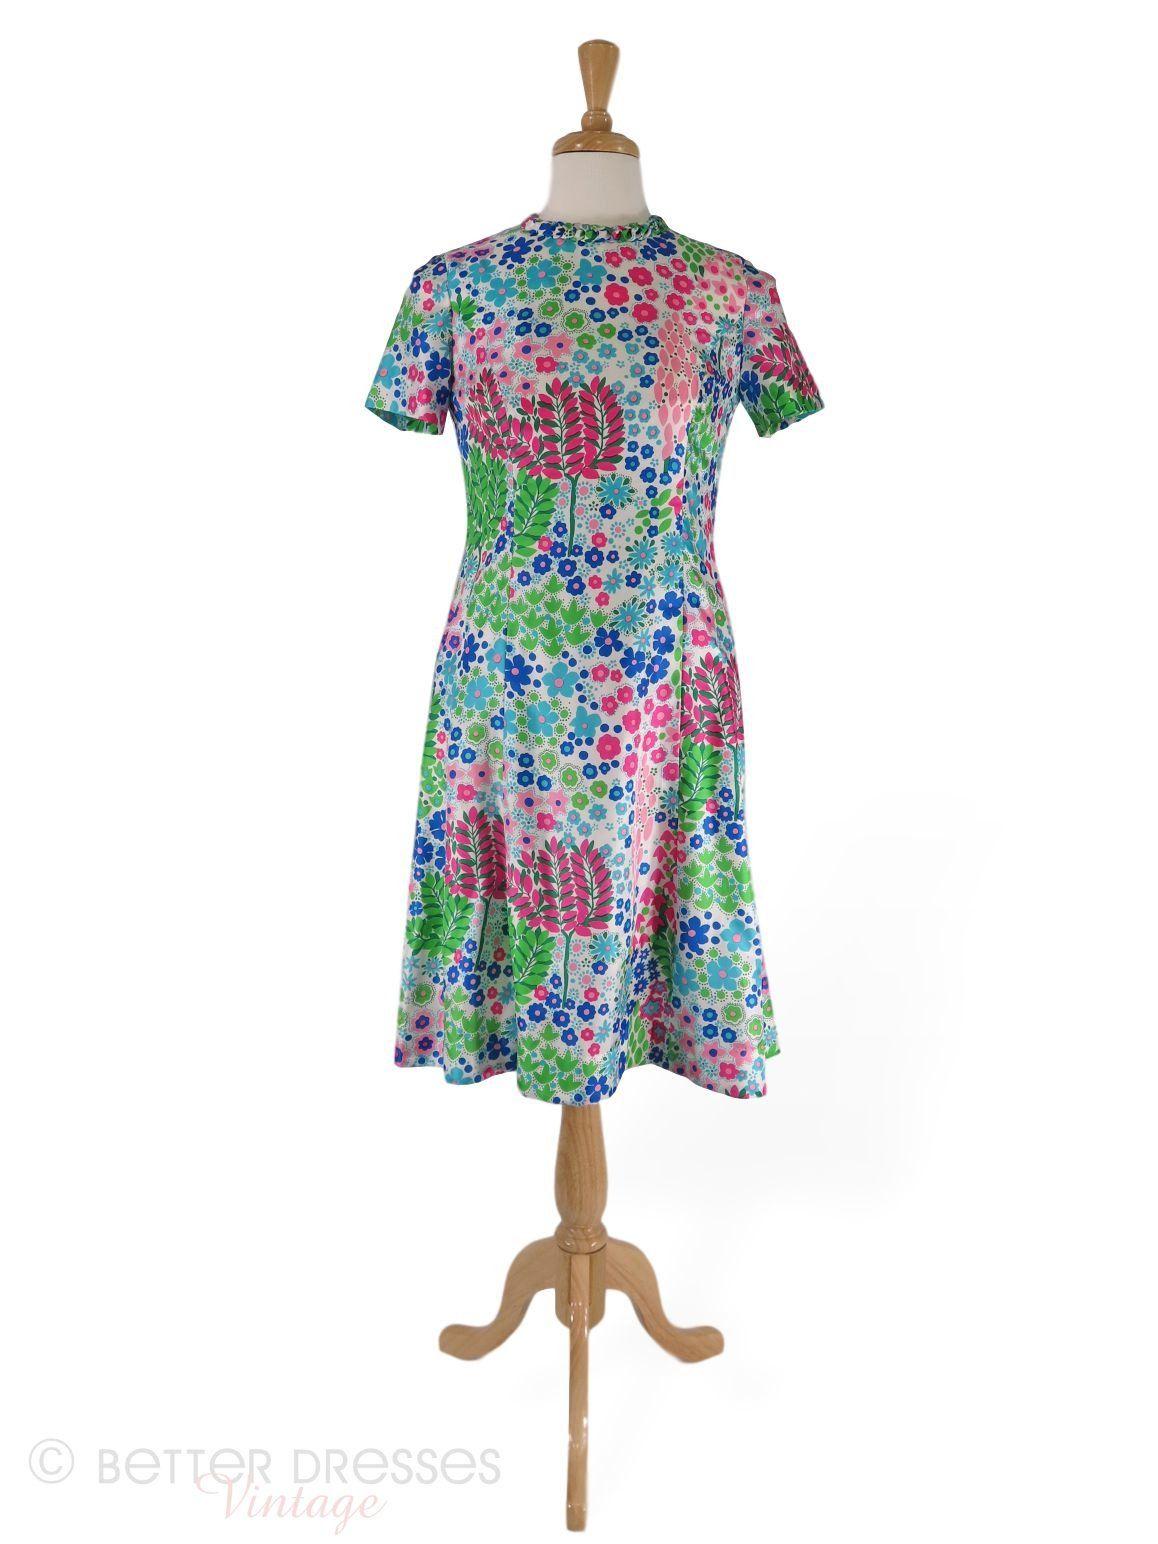 60s Floral Shift Dress Med In 2021 Floral Shift Dress Shift Dress Dresses [ 1544 x 1158 Pixel ]